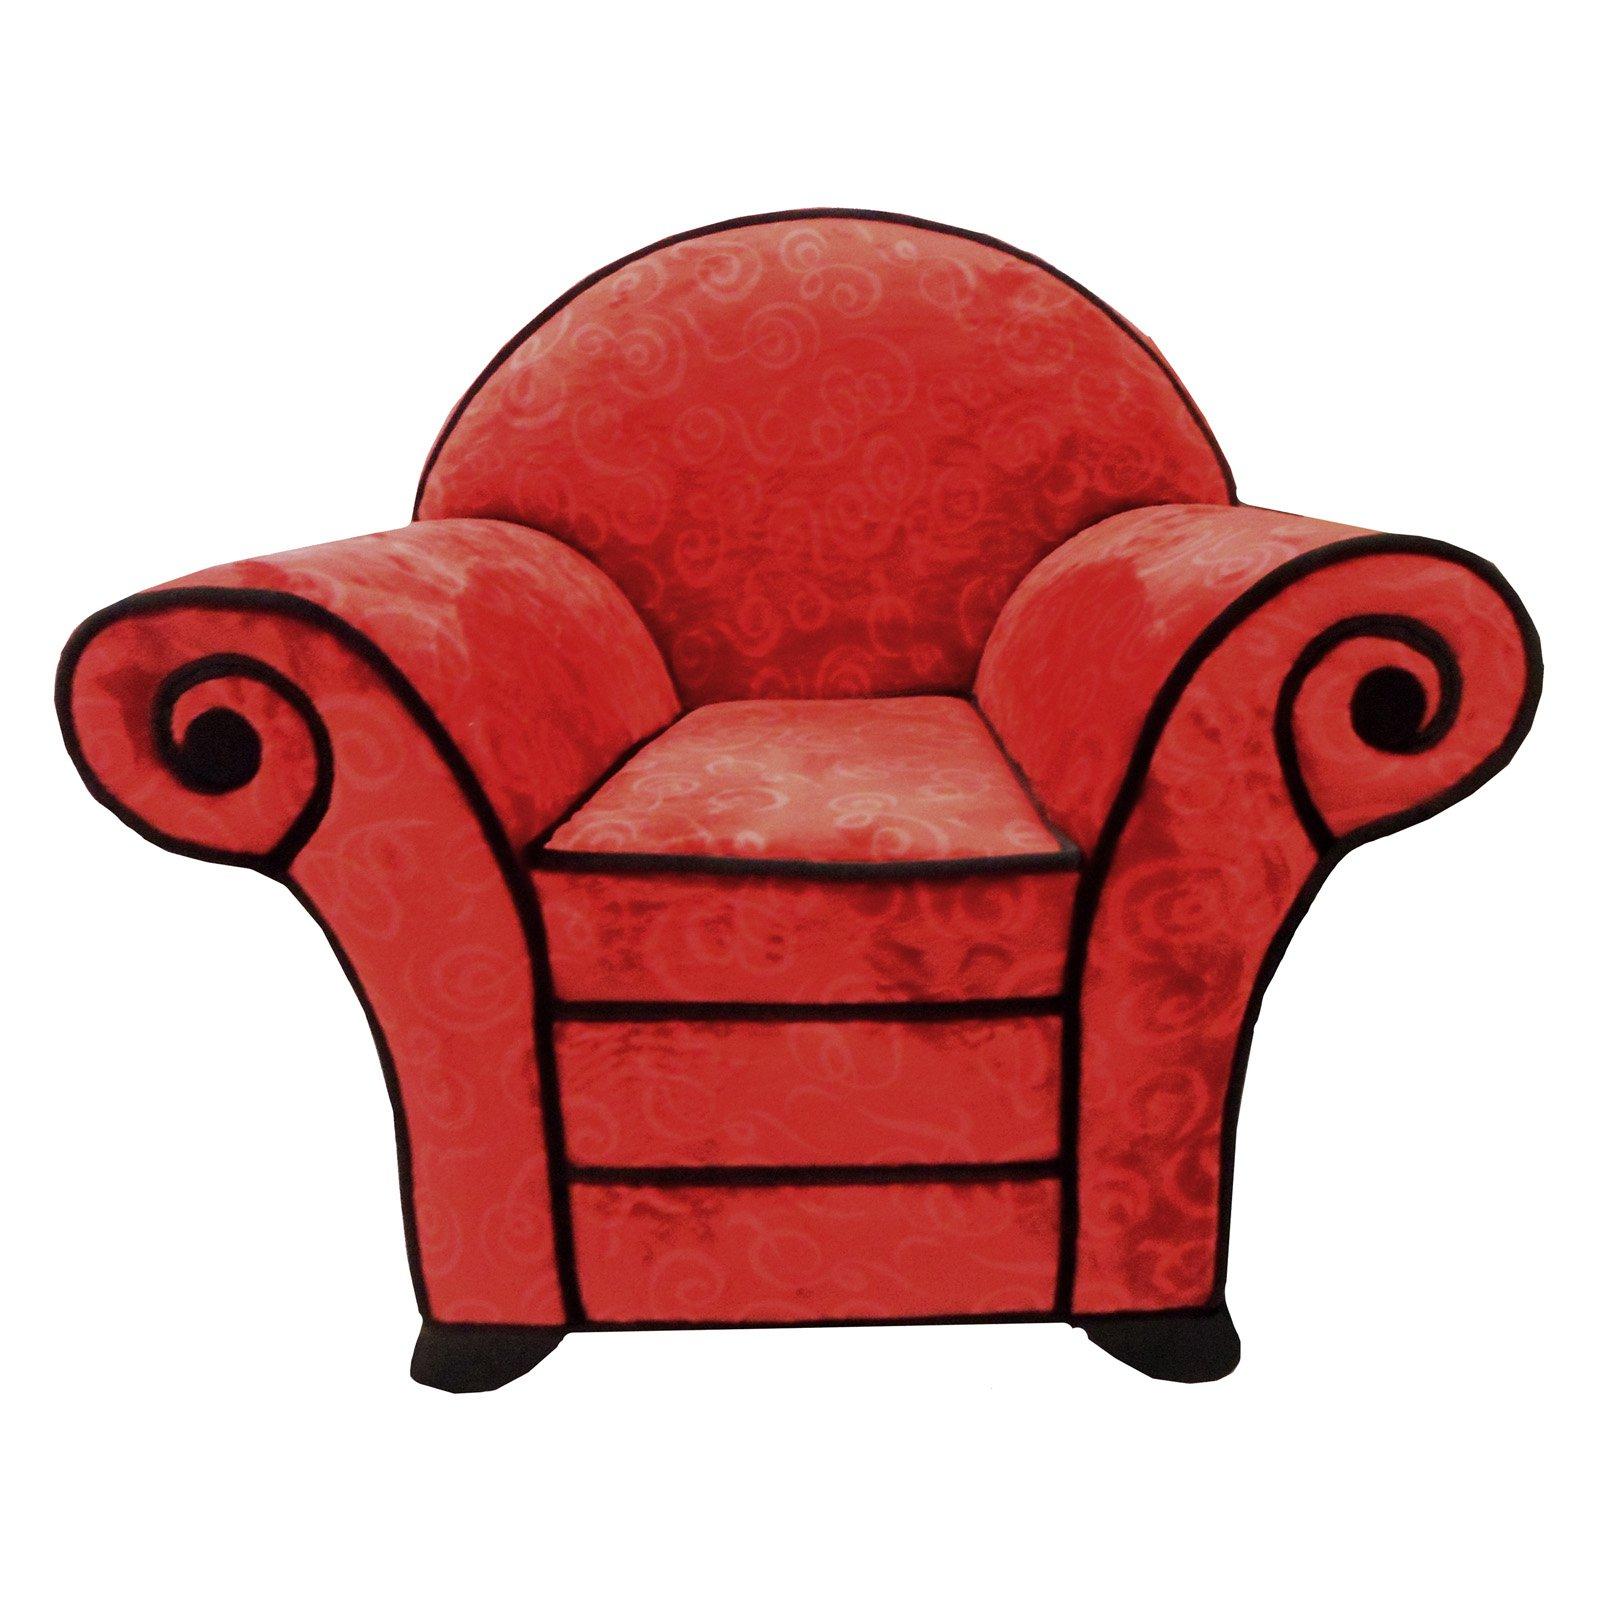 1600x1600 Blue's Clues Thinking Chair Clip Art Cliparts